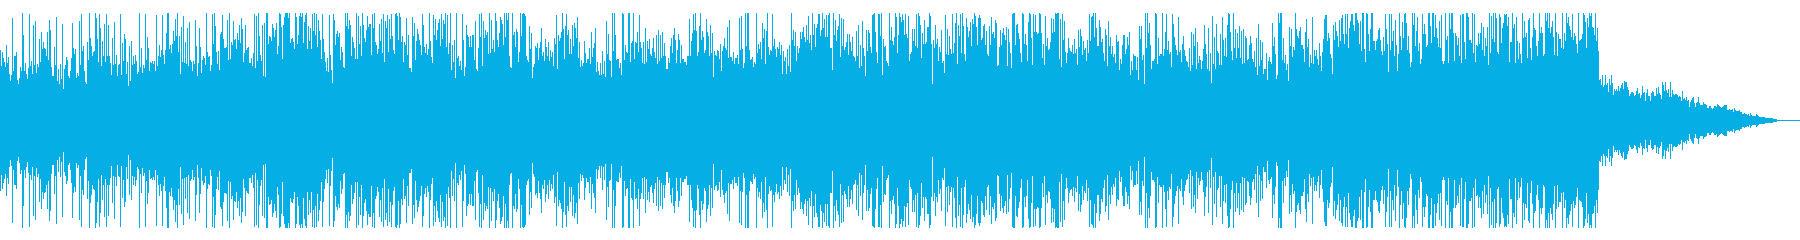 デジタルでサスペンシブなアンビエントIDの再生済みの波形